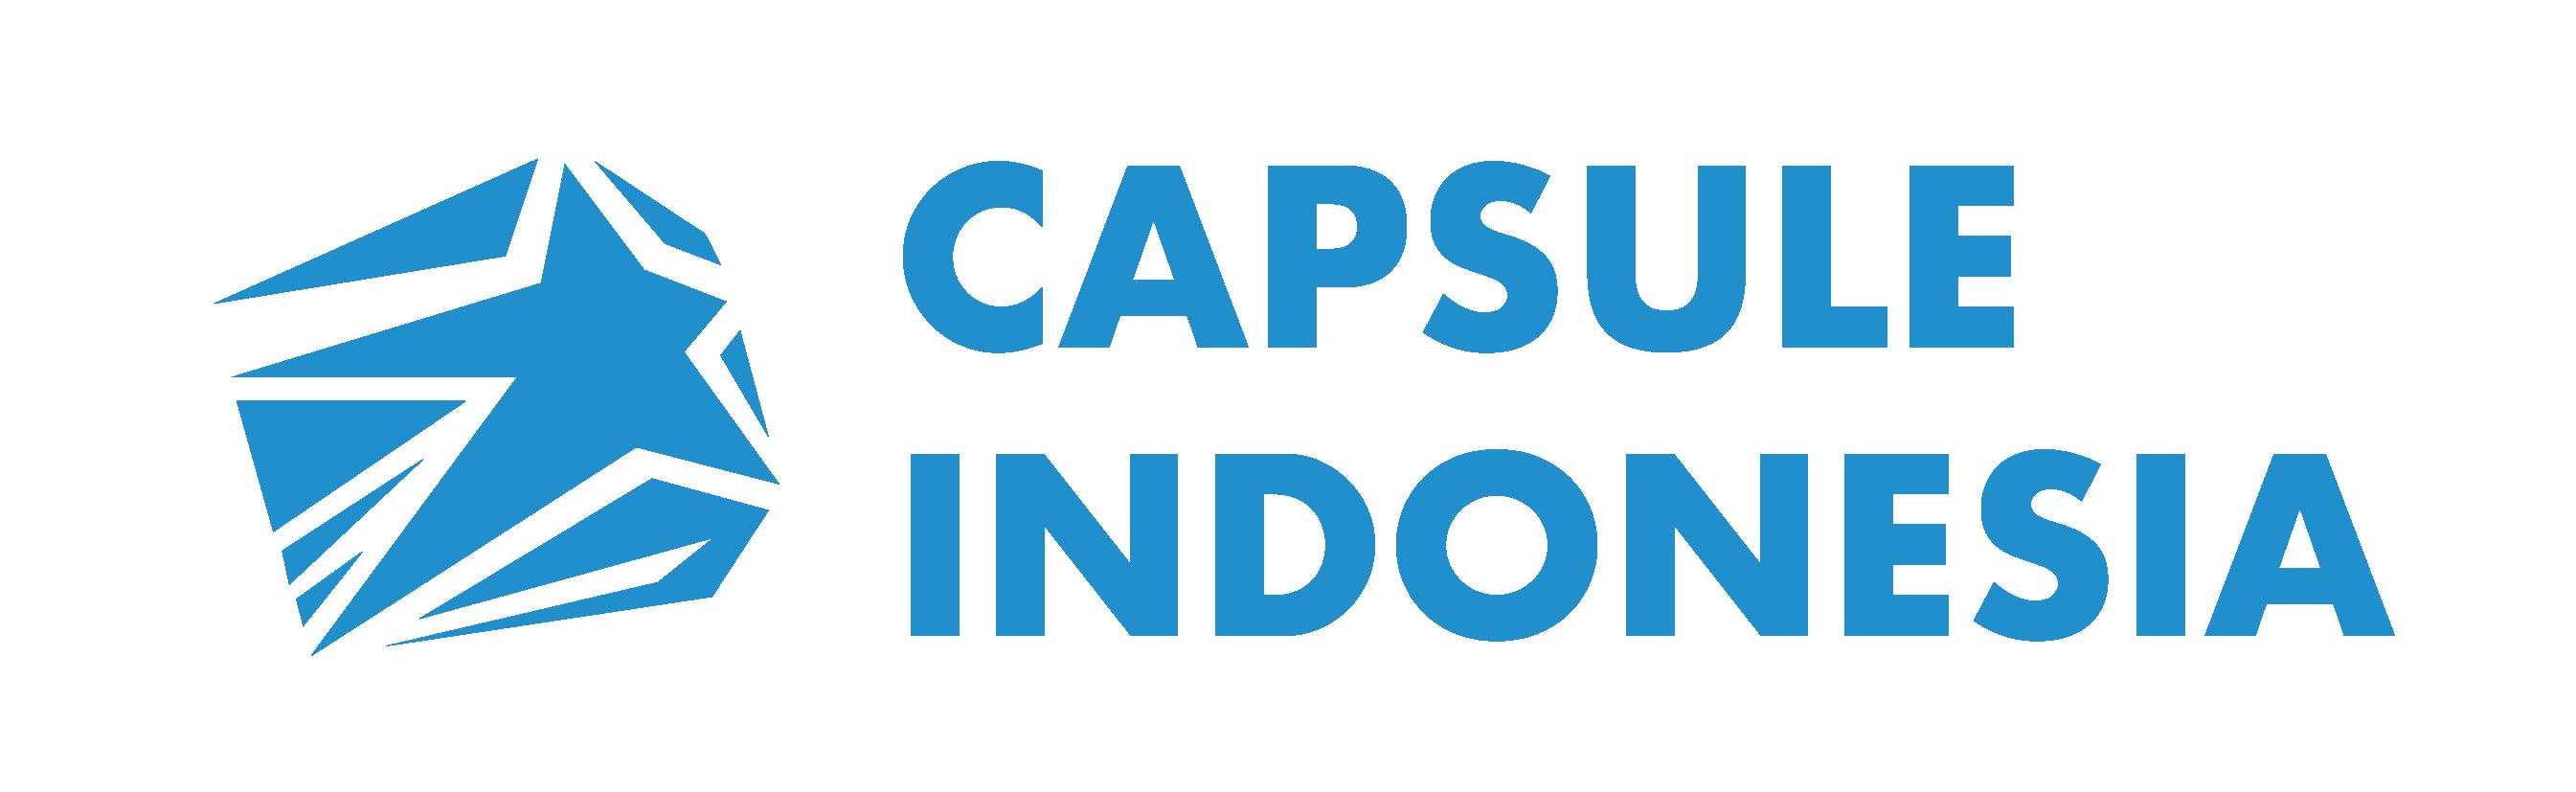 Capsule Indonesia